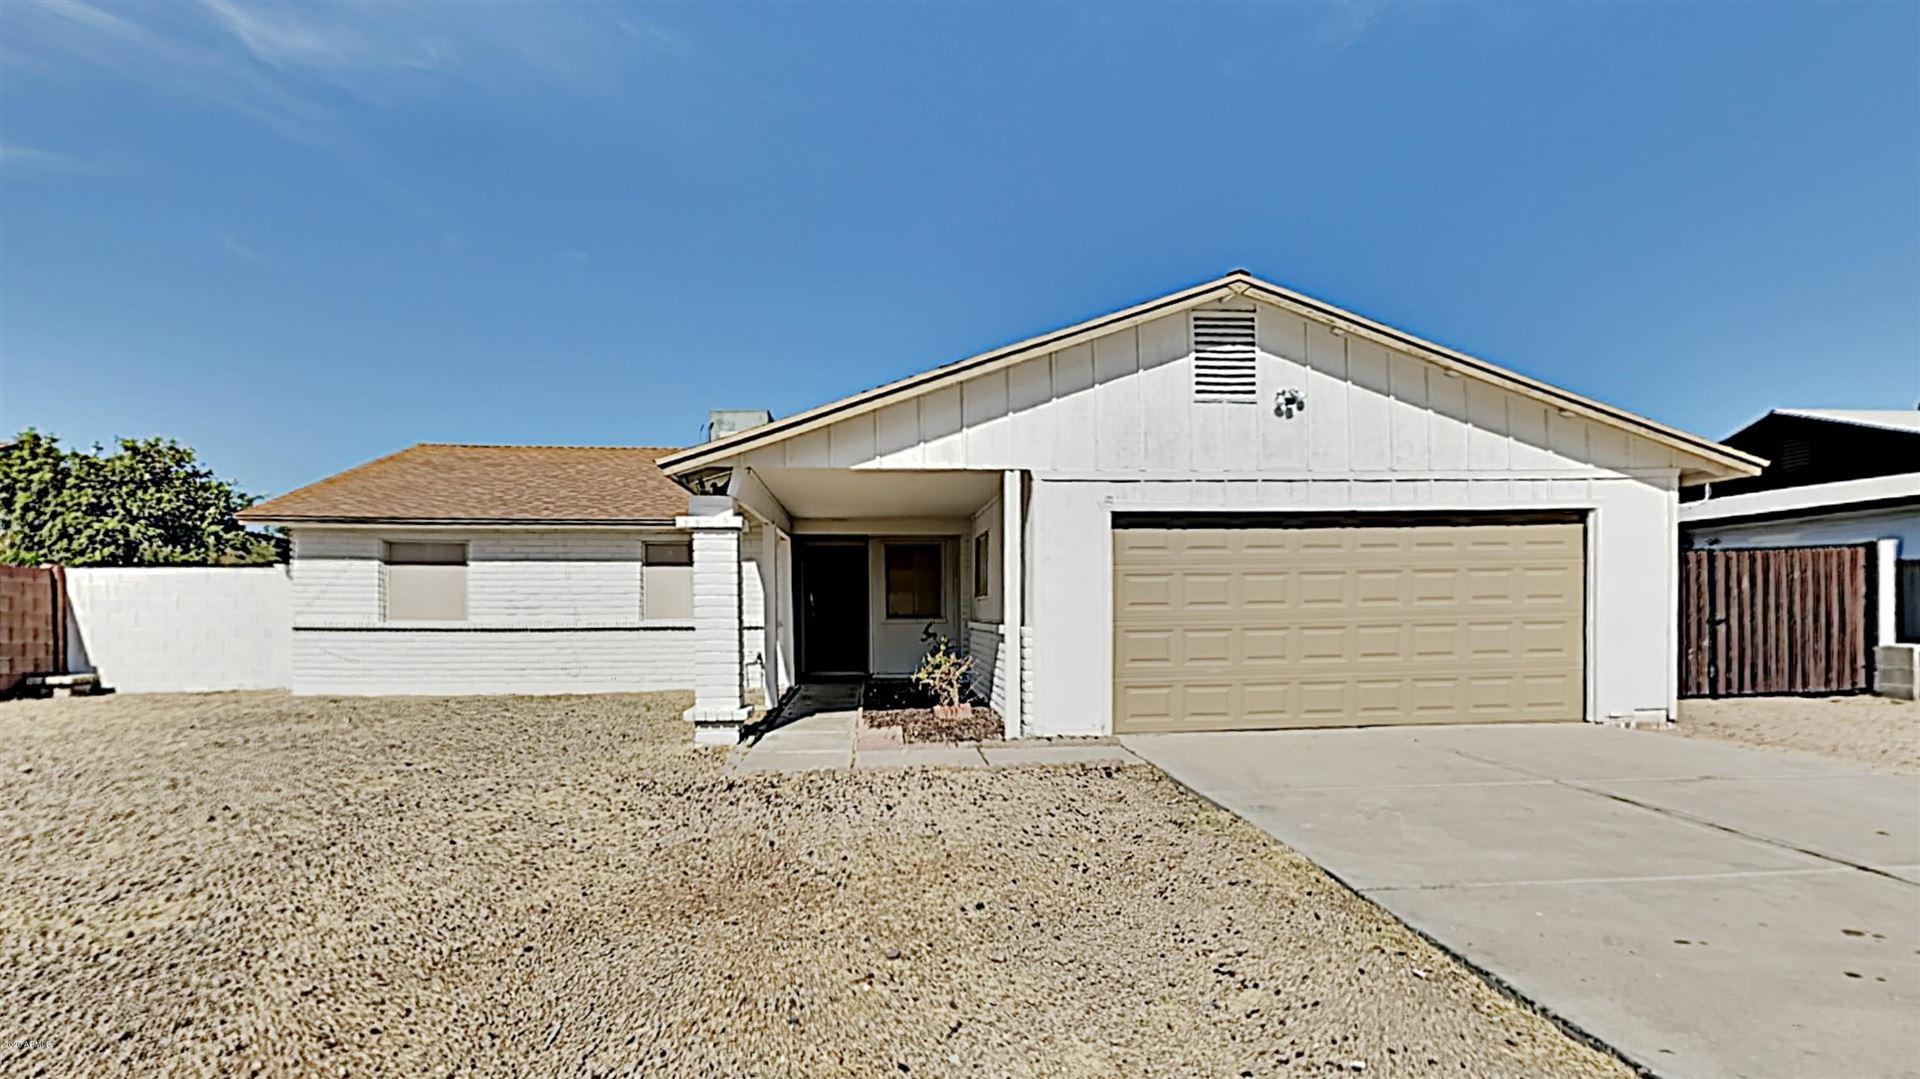 3528 W MICHELLE Drive, Glendale, AZ 85308 - MLS#: 6154921